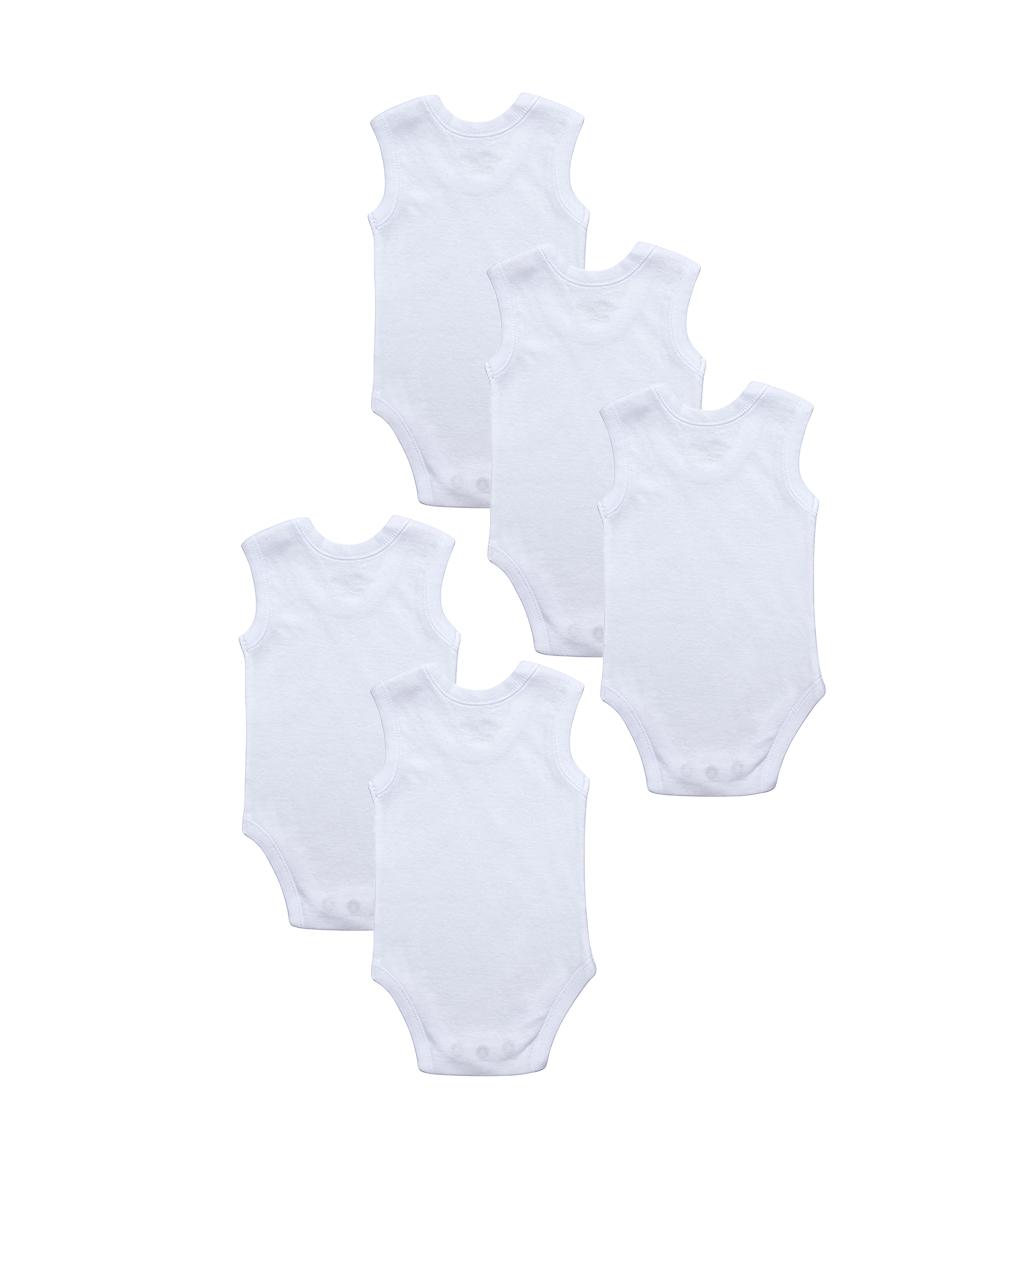 Pacote de 5 body tops brancos - Prénatal